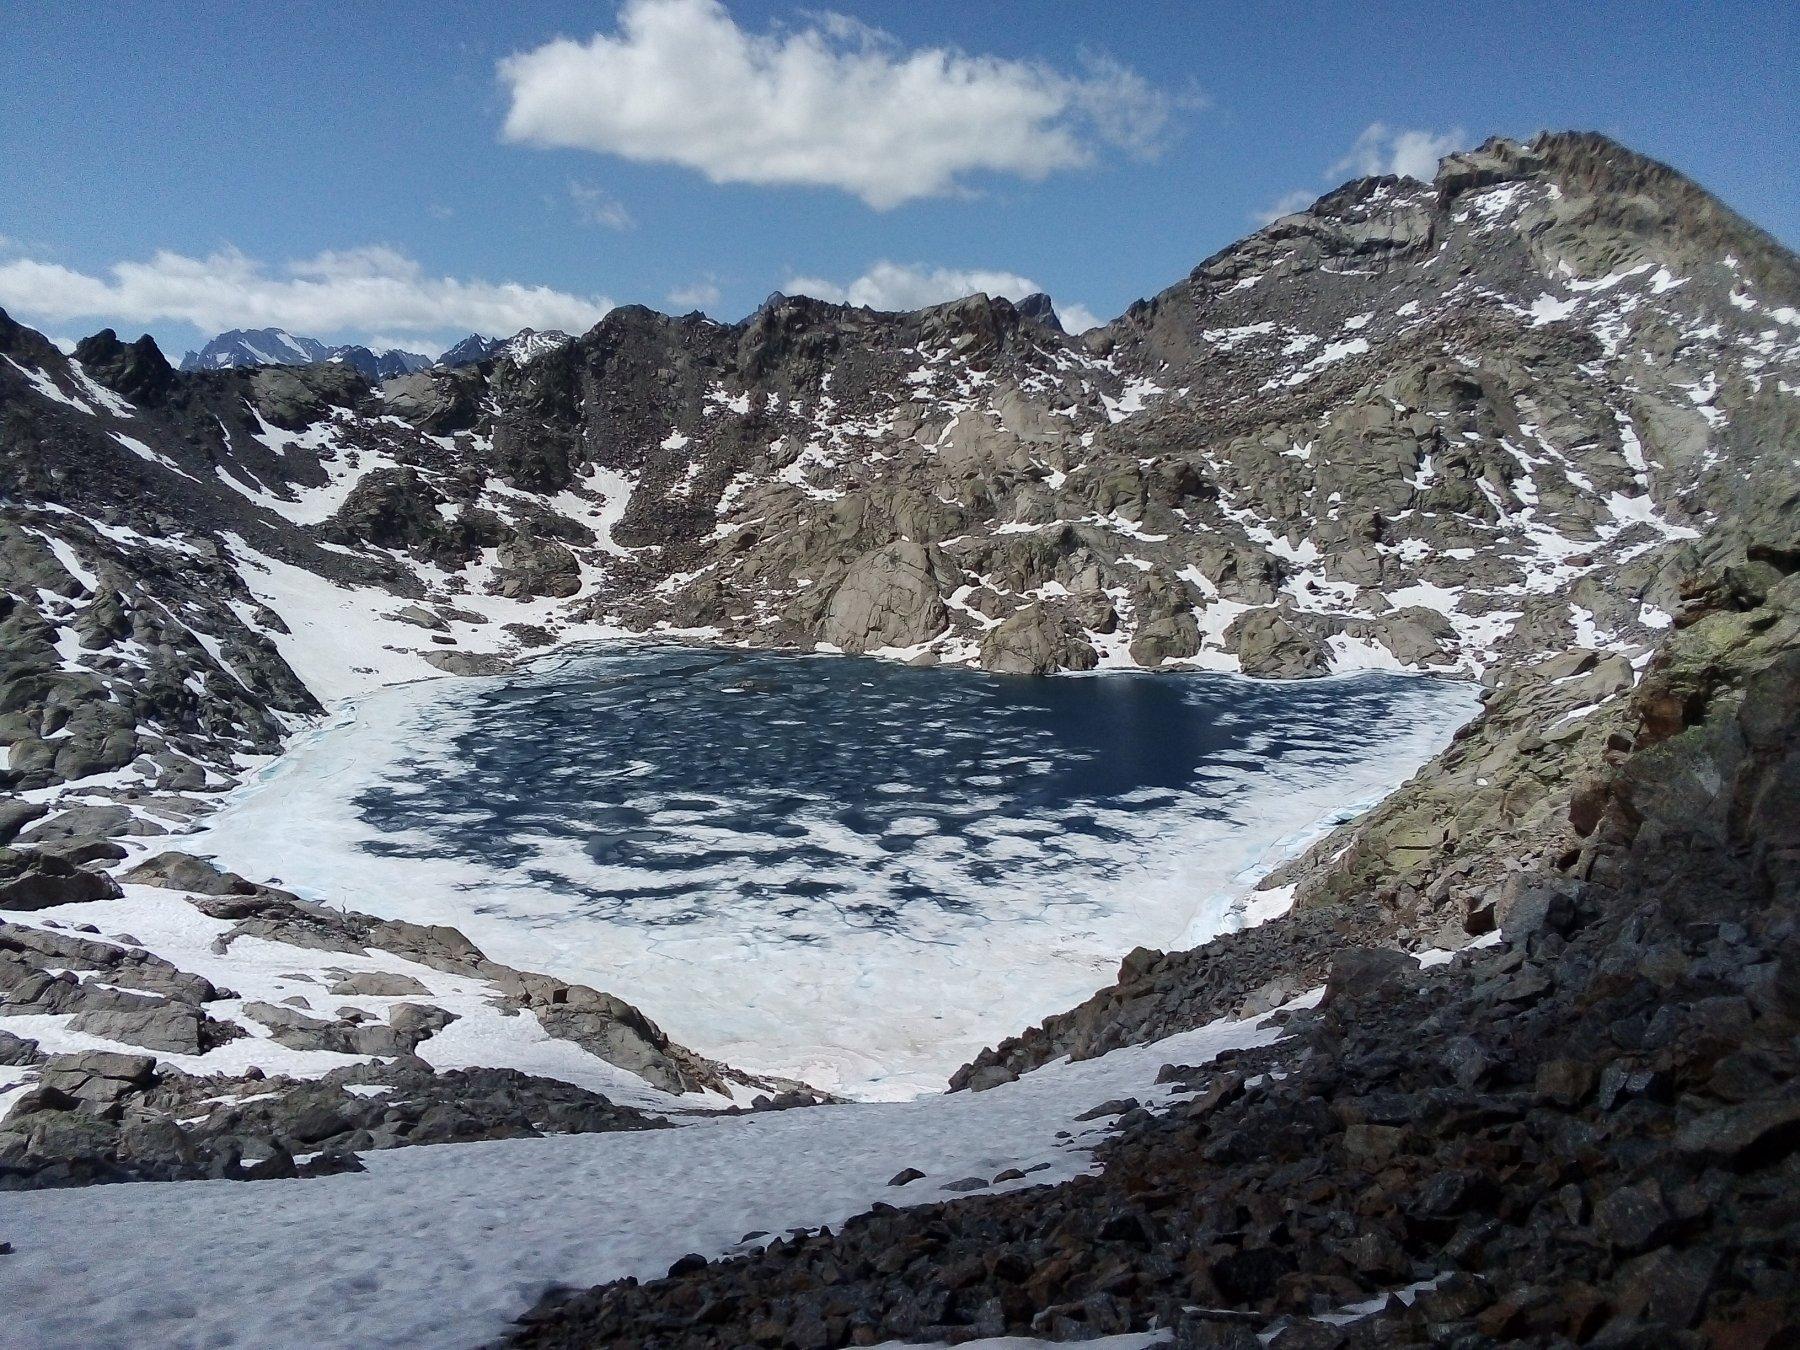 Il lago Gelato dal colle.